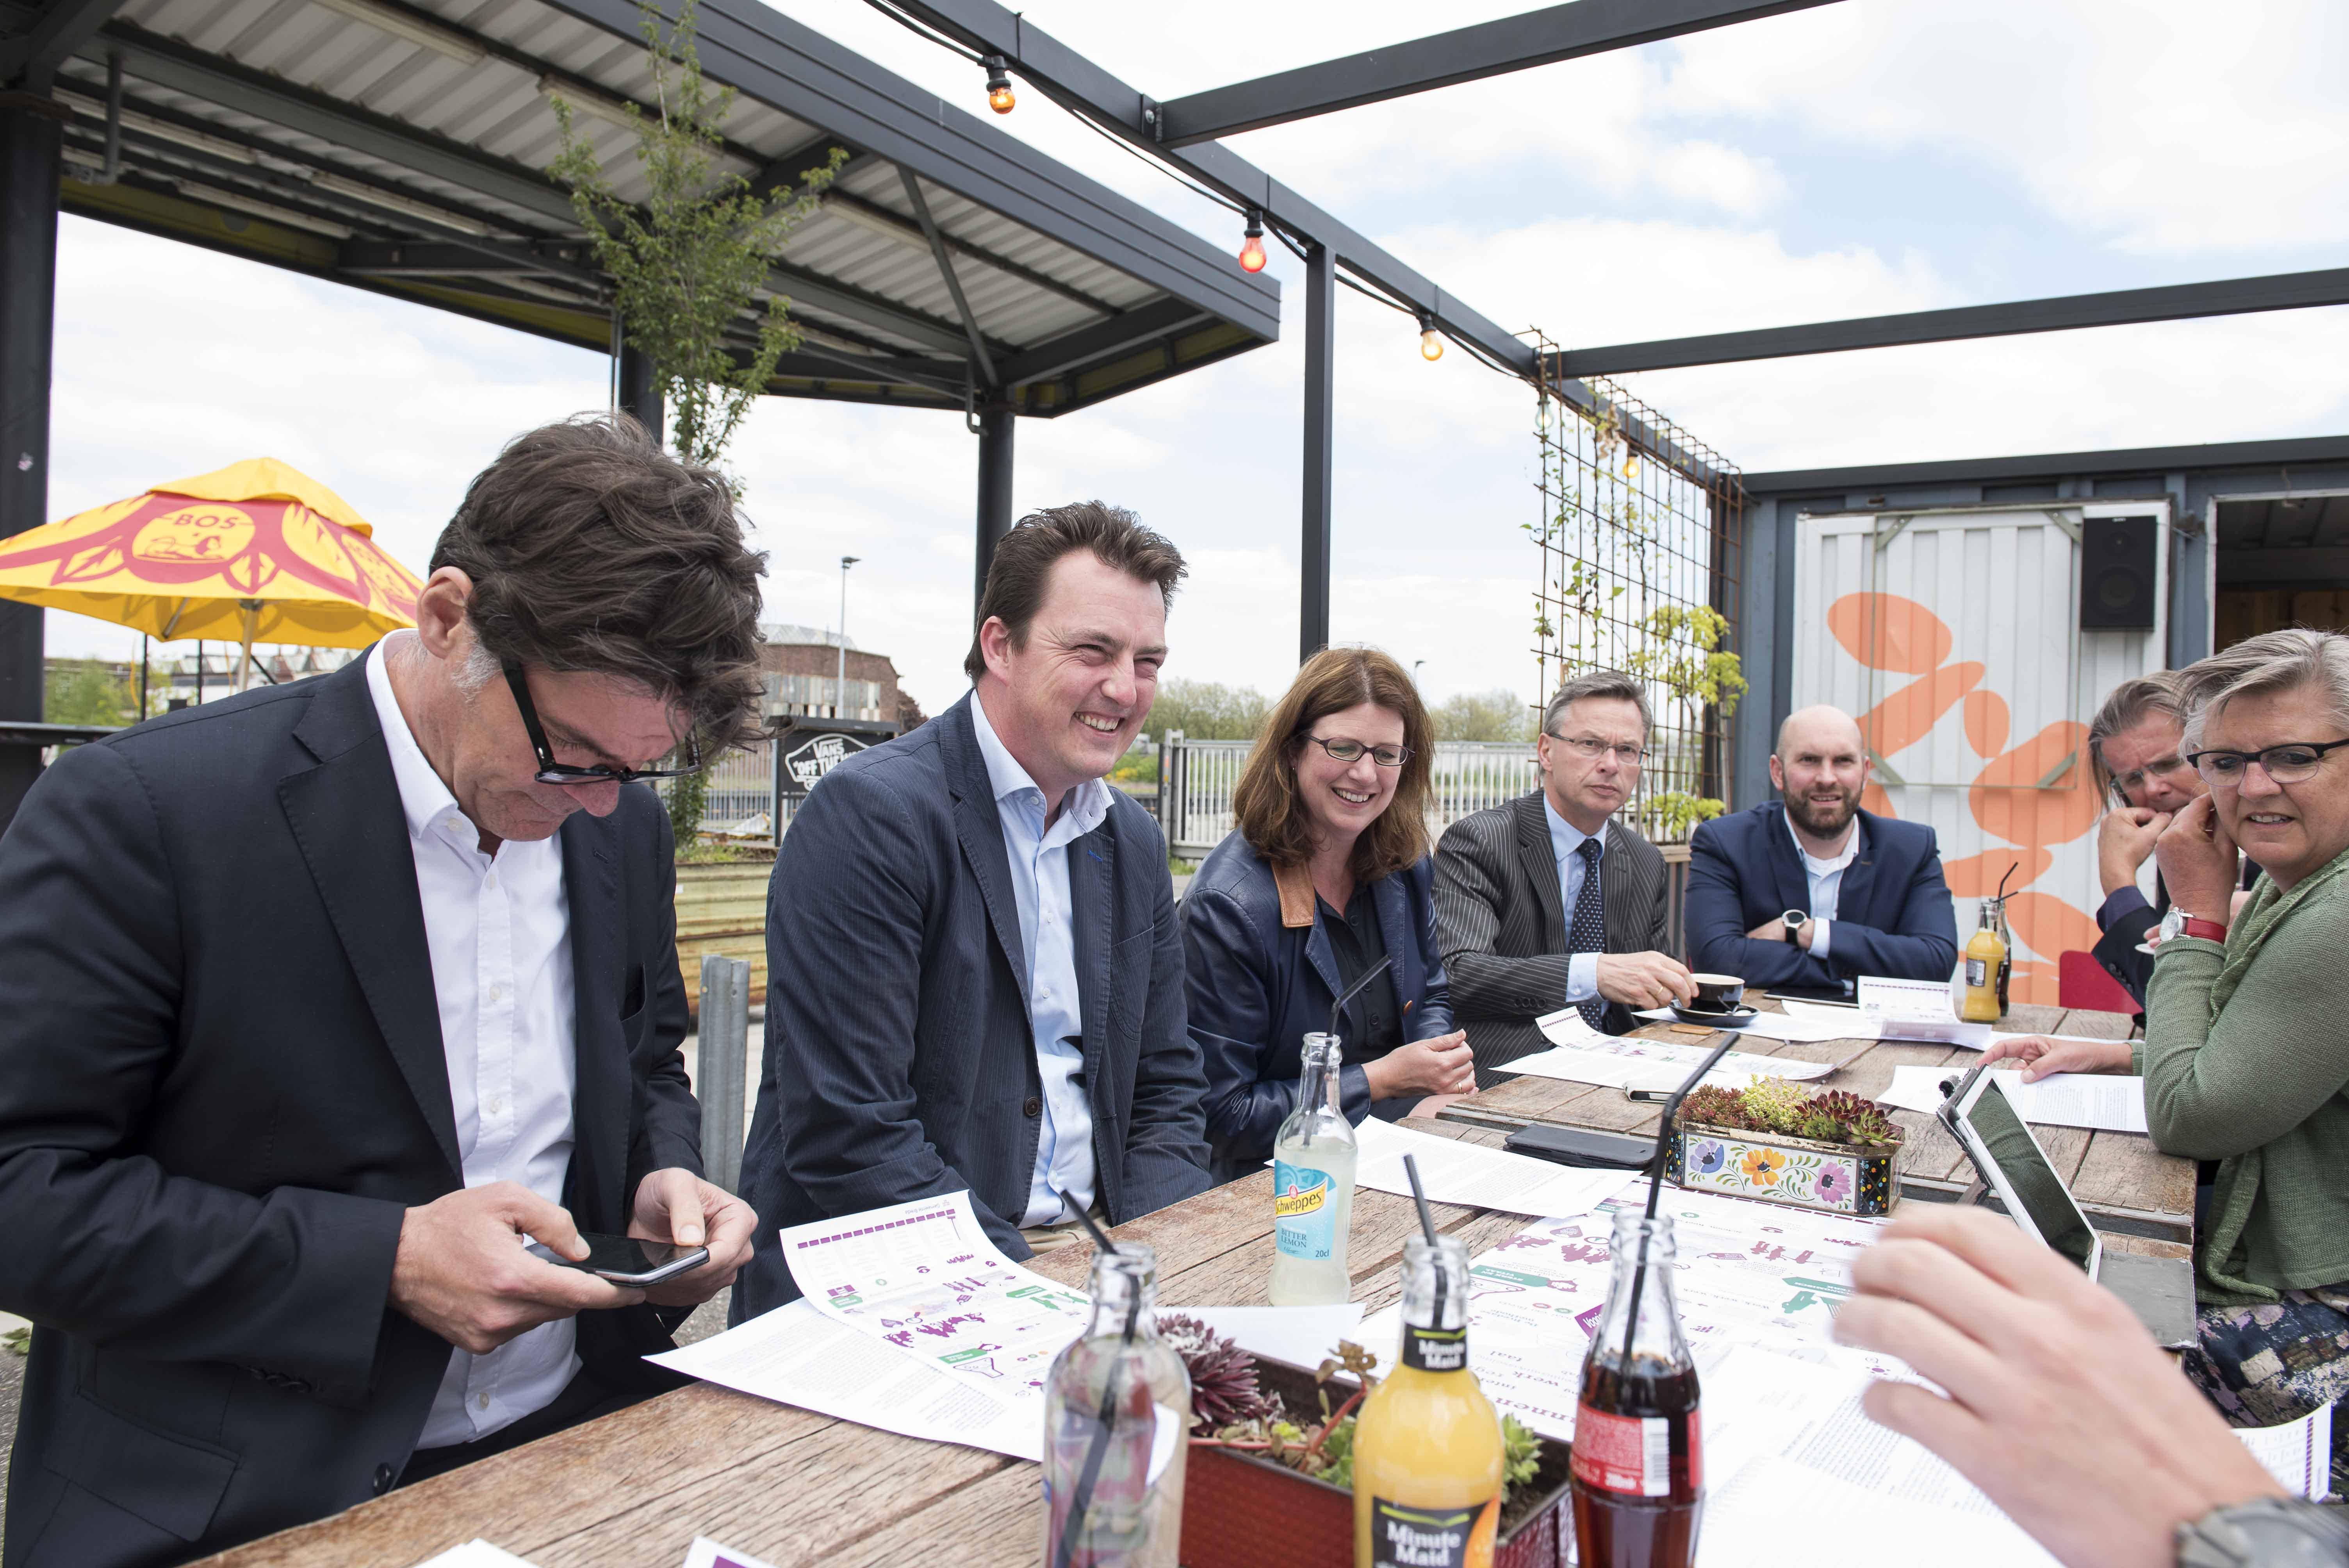 Burgemeester Depla en de wethouders De Beer, Haagh, Arbouw, Adank, Van Lunteren en De Bie (vlnr) presenteerden samen de Voorjaarsnota 2017.